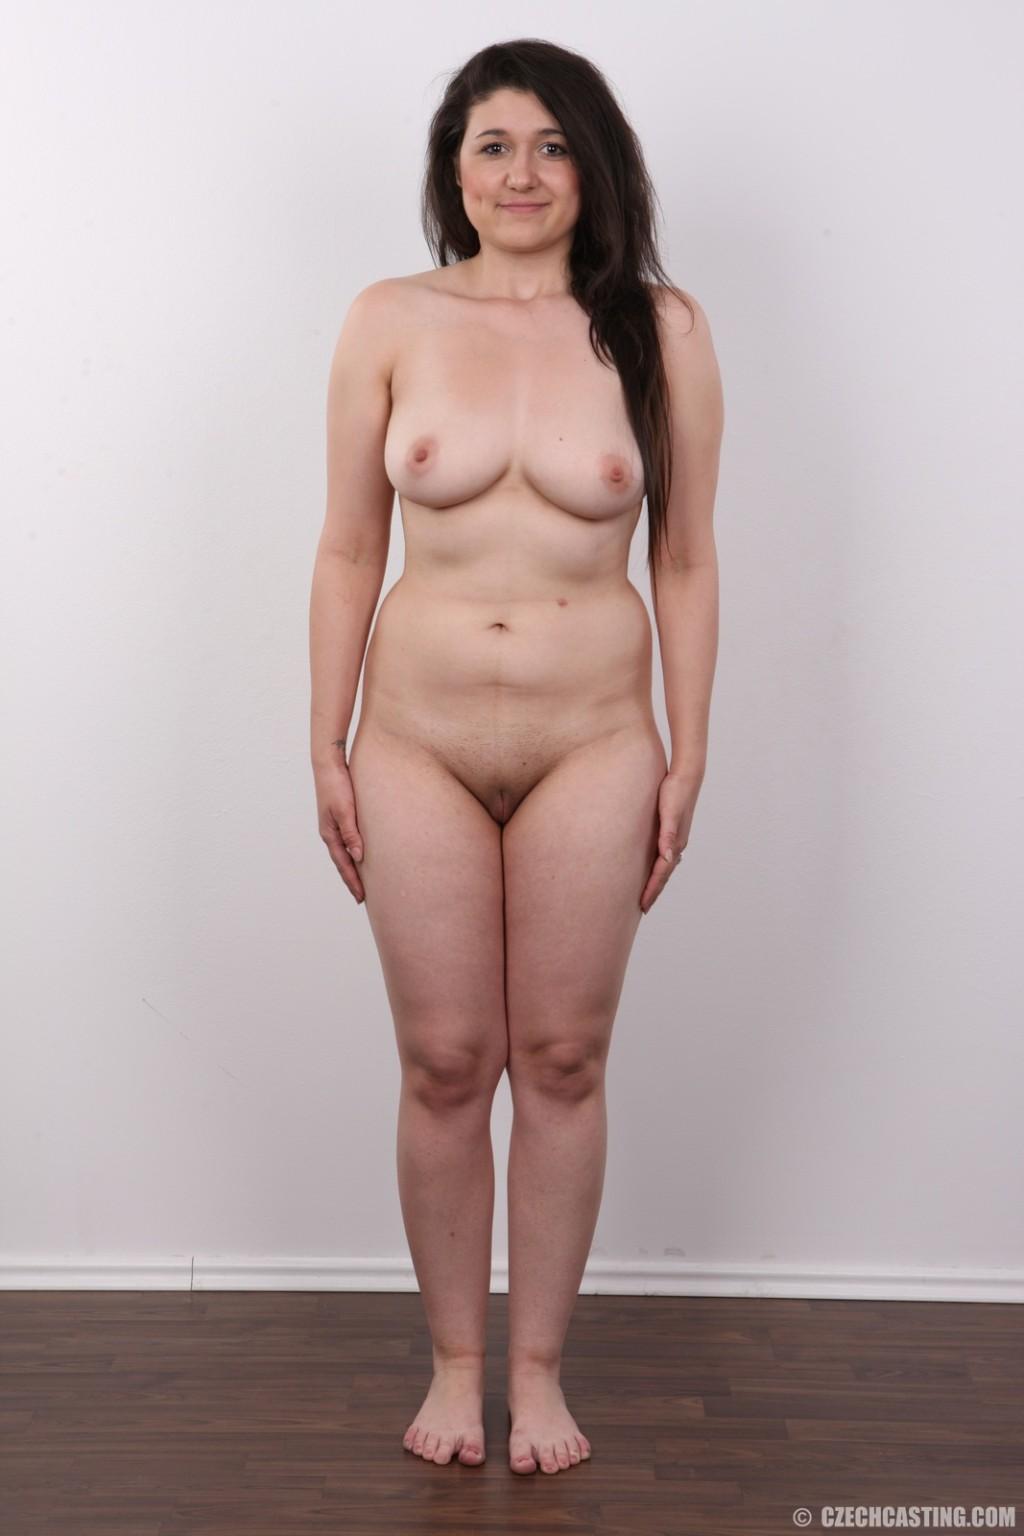 Телка пришла устраиваться на порно работку и сделала немножко фоток в голом виде